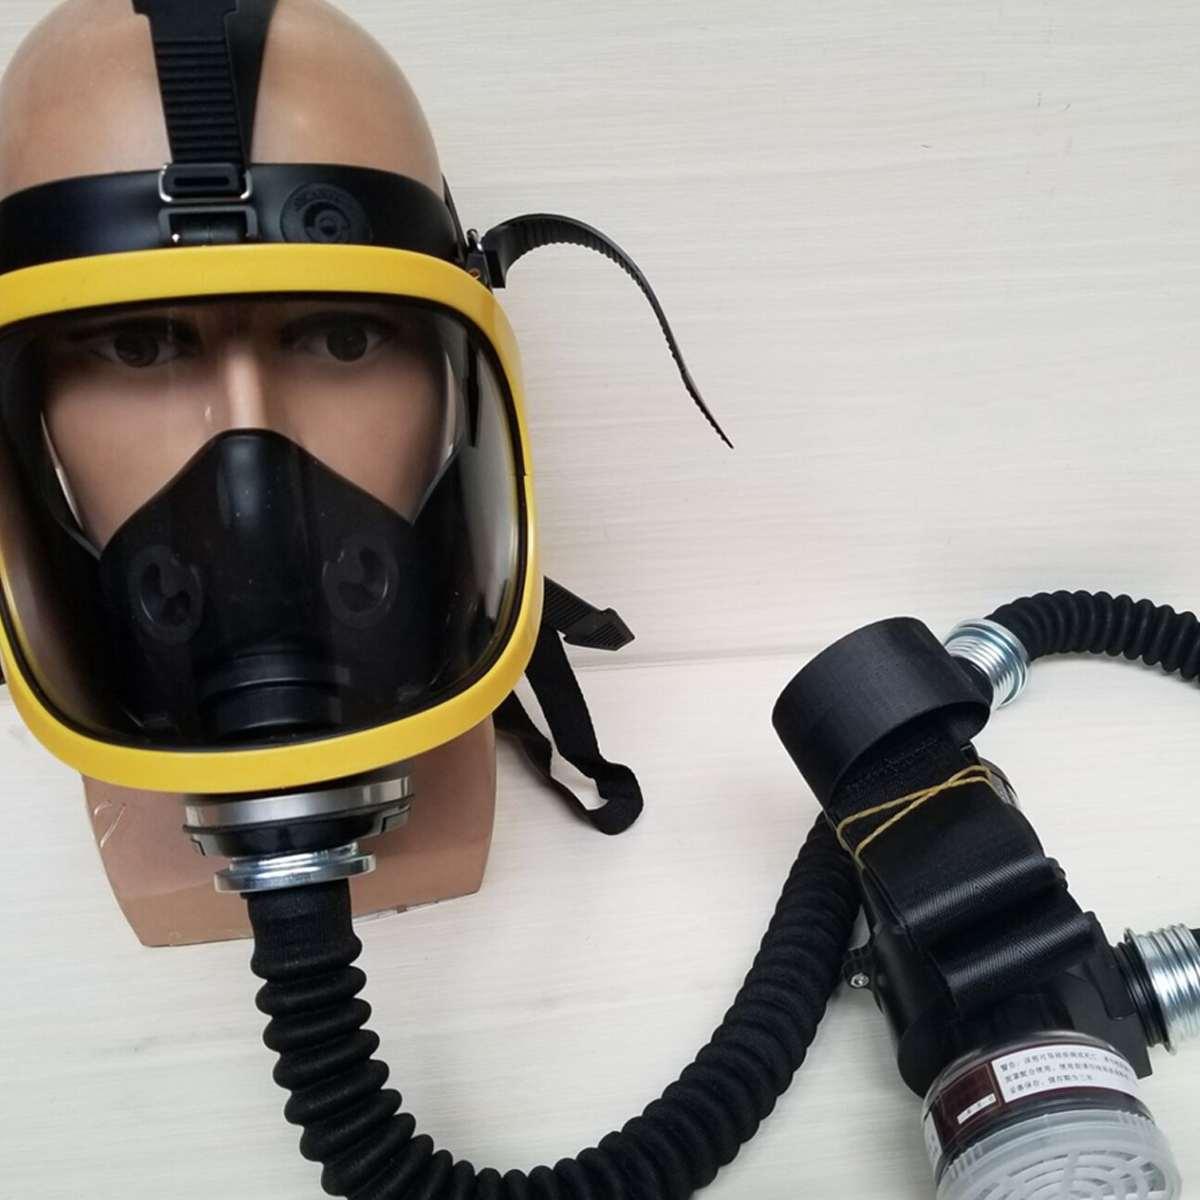 Электрический постоянный поток подачи воздуха Fed полный уход за кожей лица противогаз спрей живопись инструмент сварочный шлем респиратор